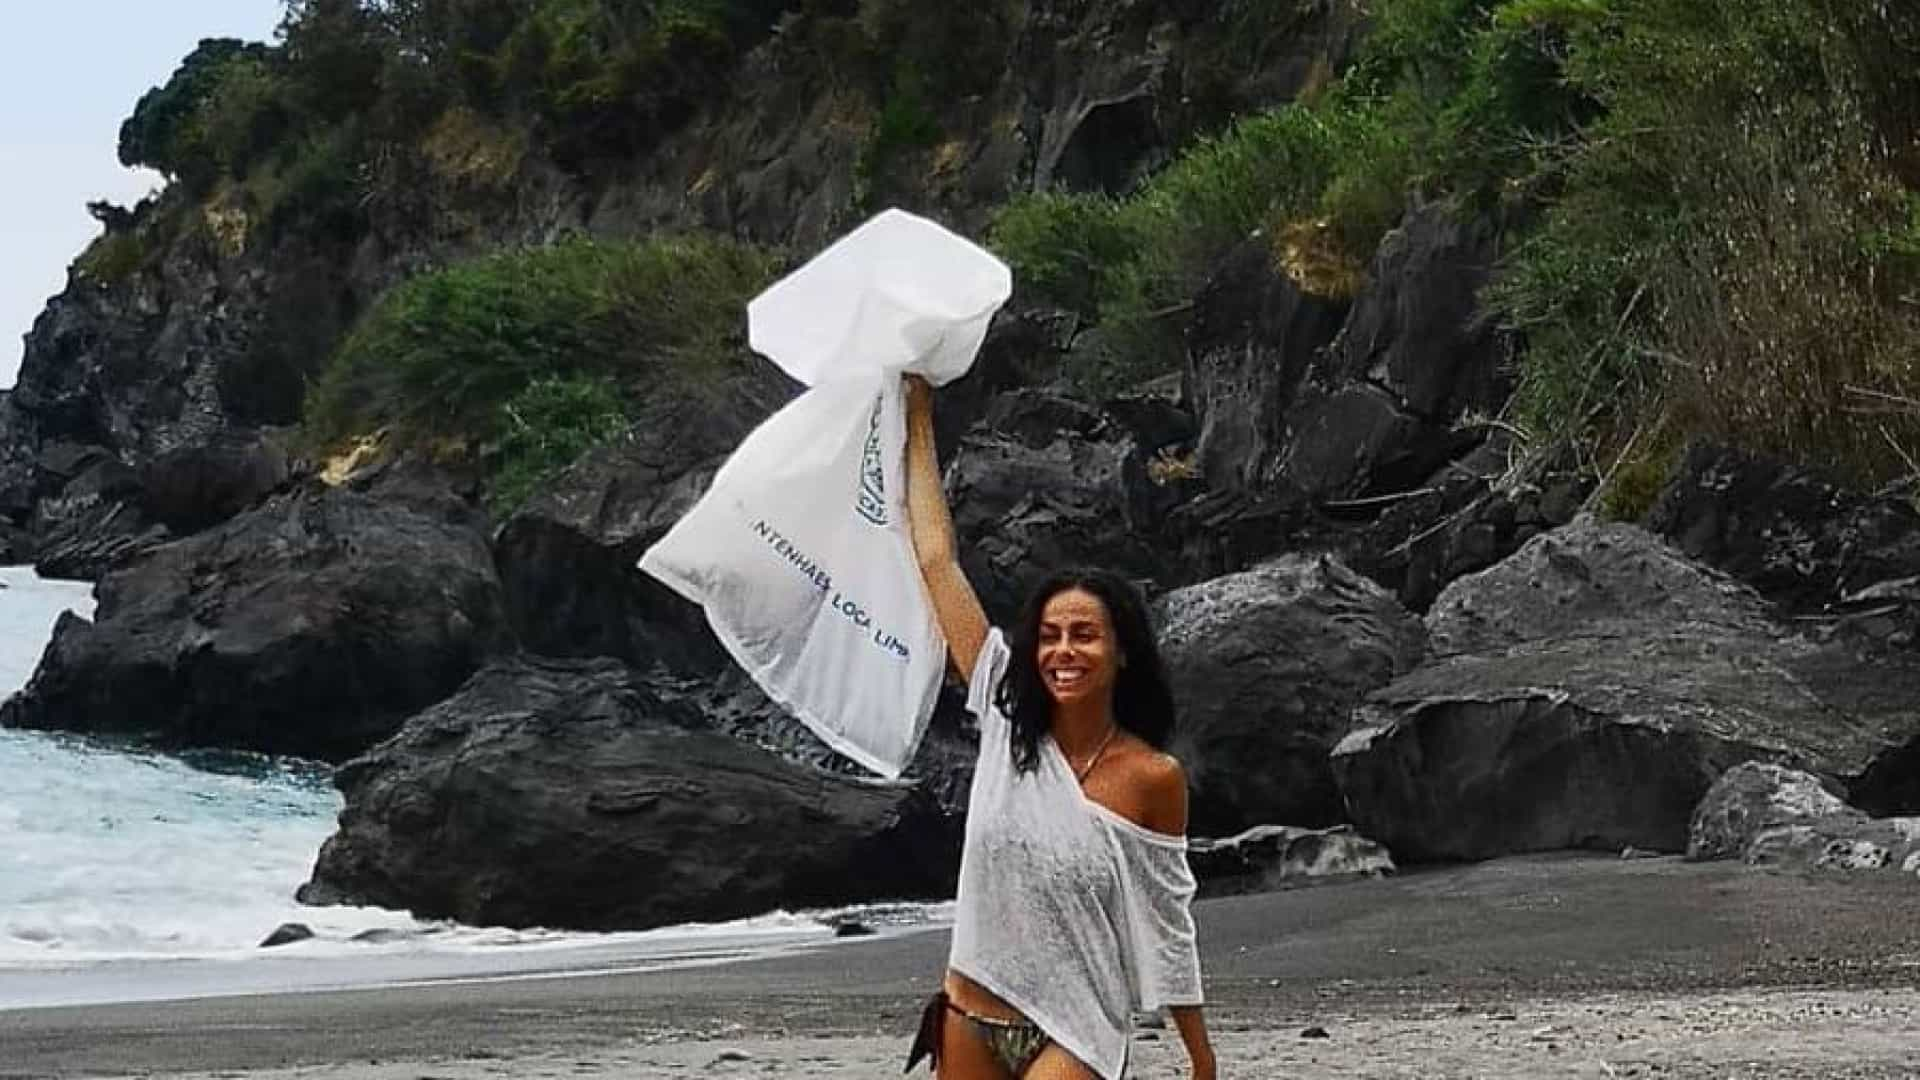 Filomena Cautela lança desafio da praia: Apanhar o lixo